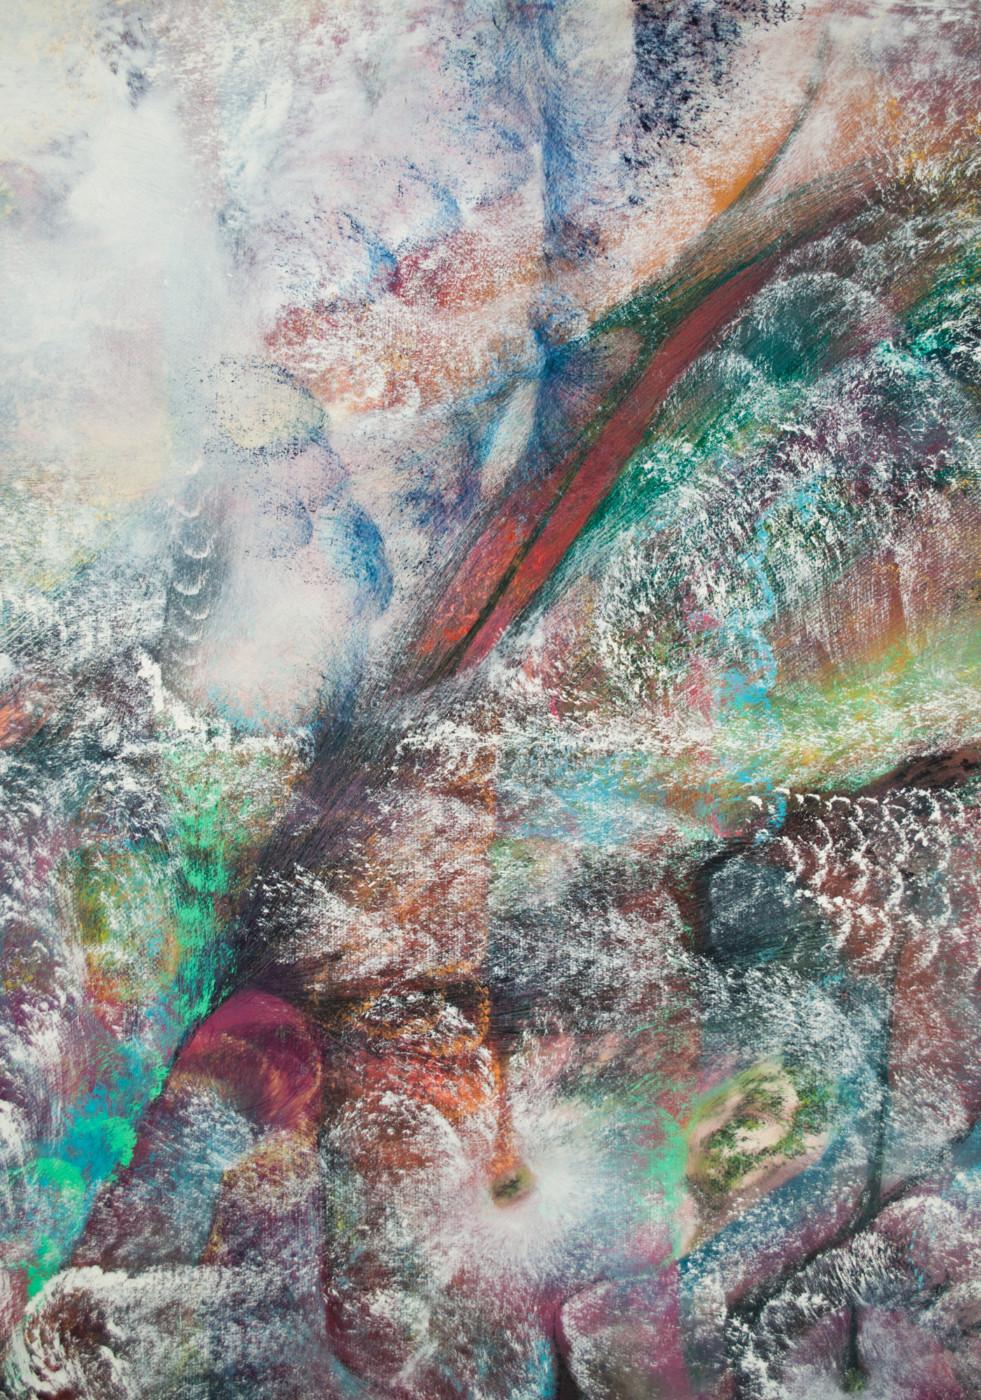 LUCY BULL  Deep Balm  (detail), 2020 Oil on linen 152.4 x 101.6 cm / 60 x 40 in - High Art Gallery Paris